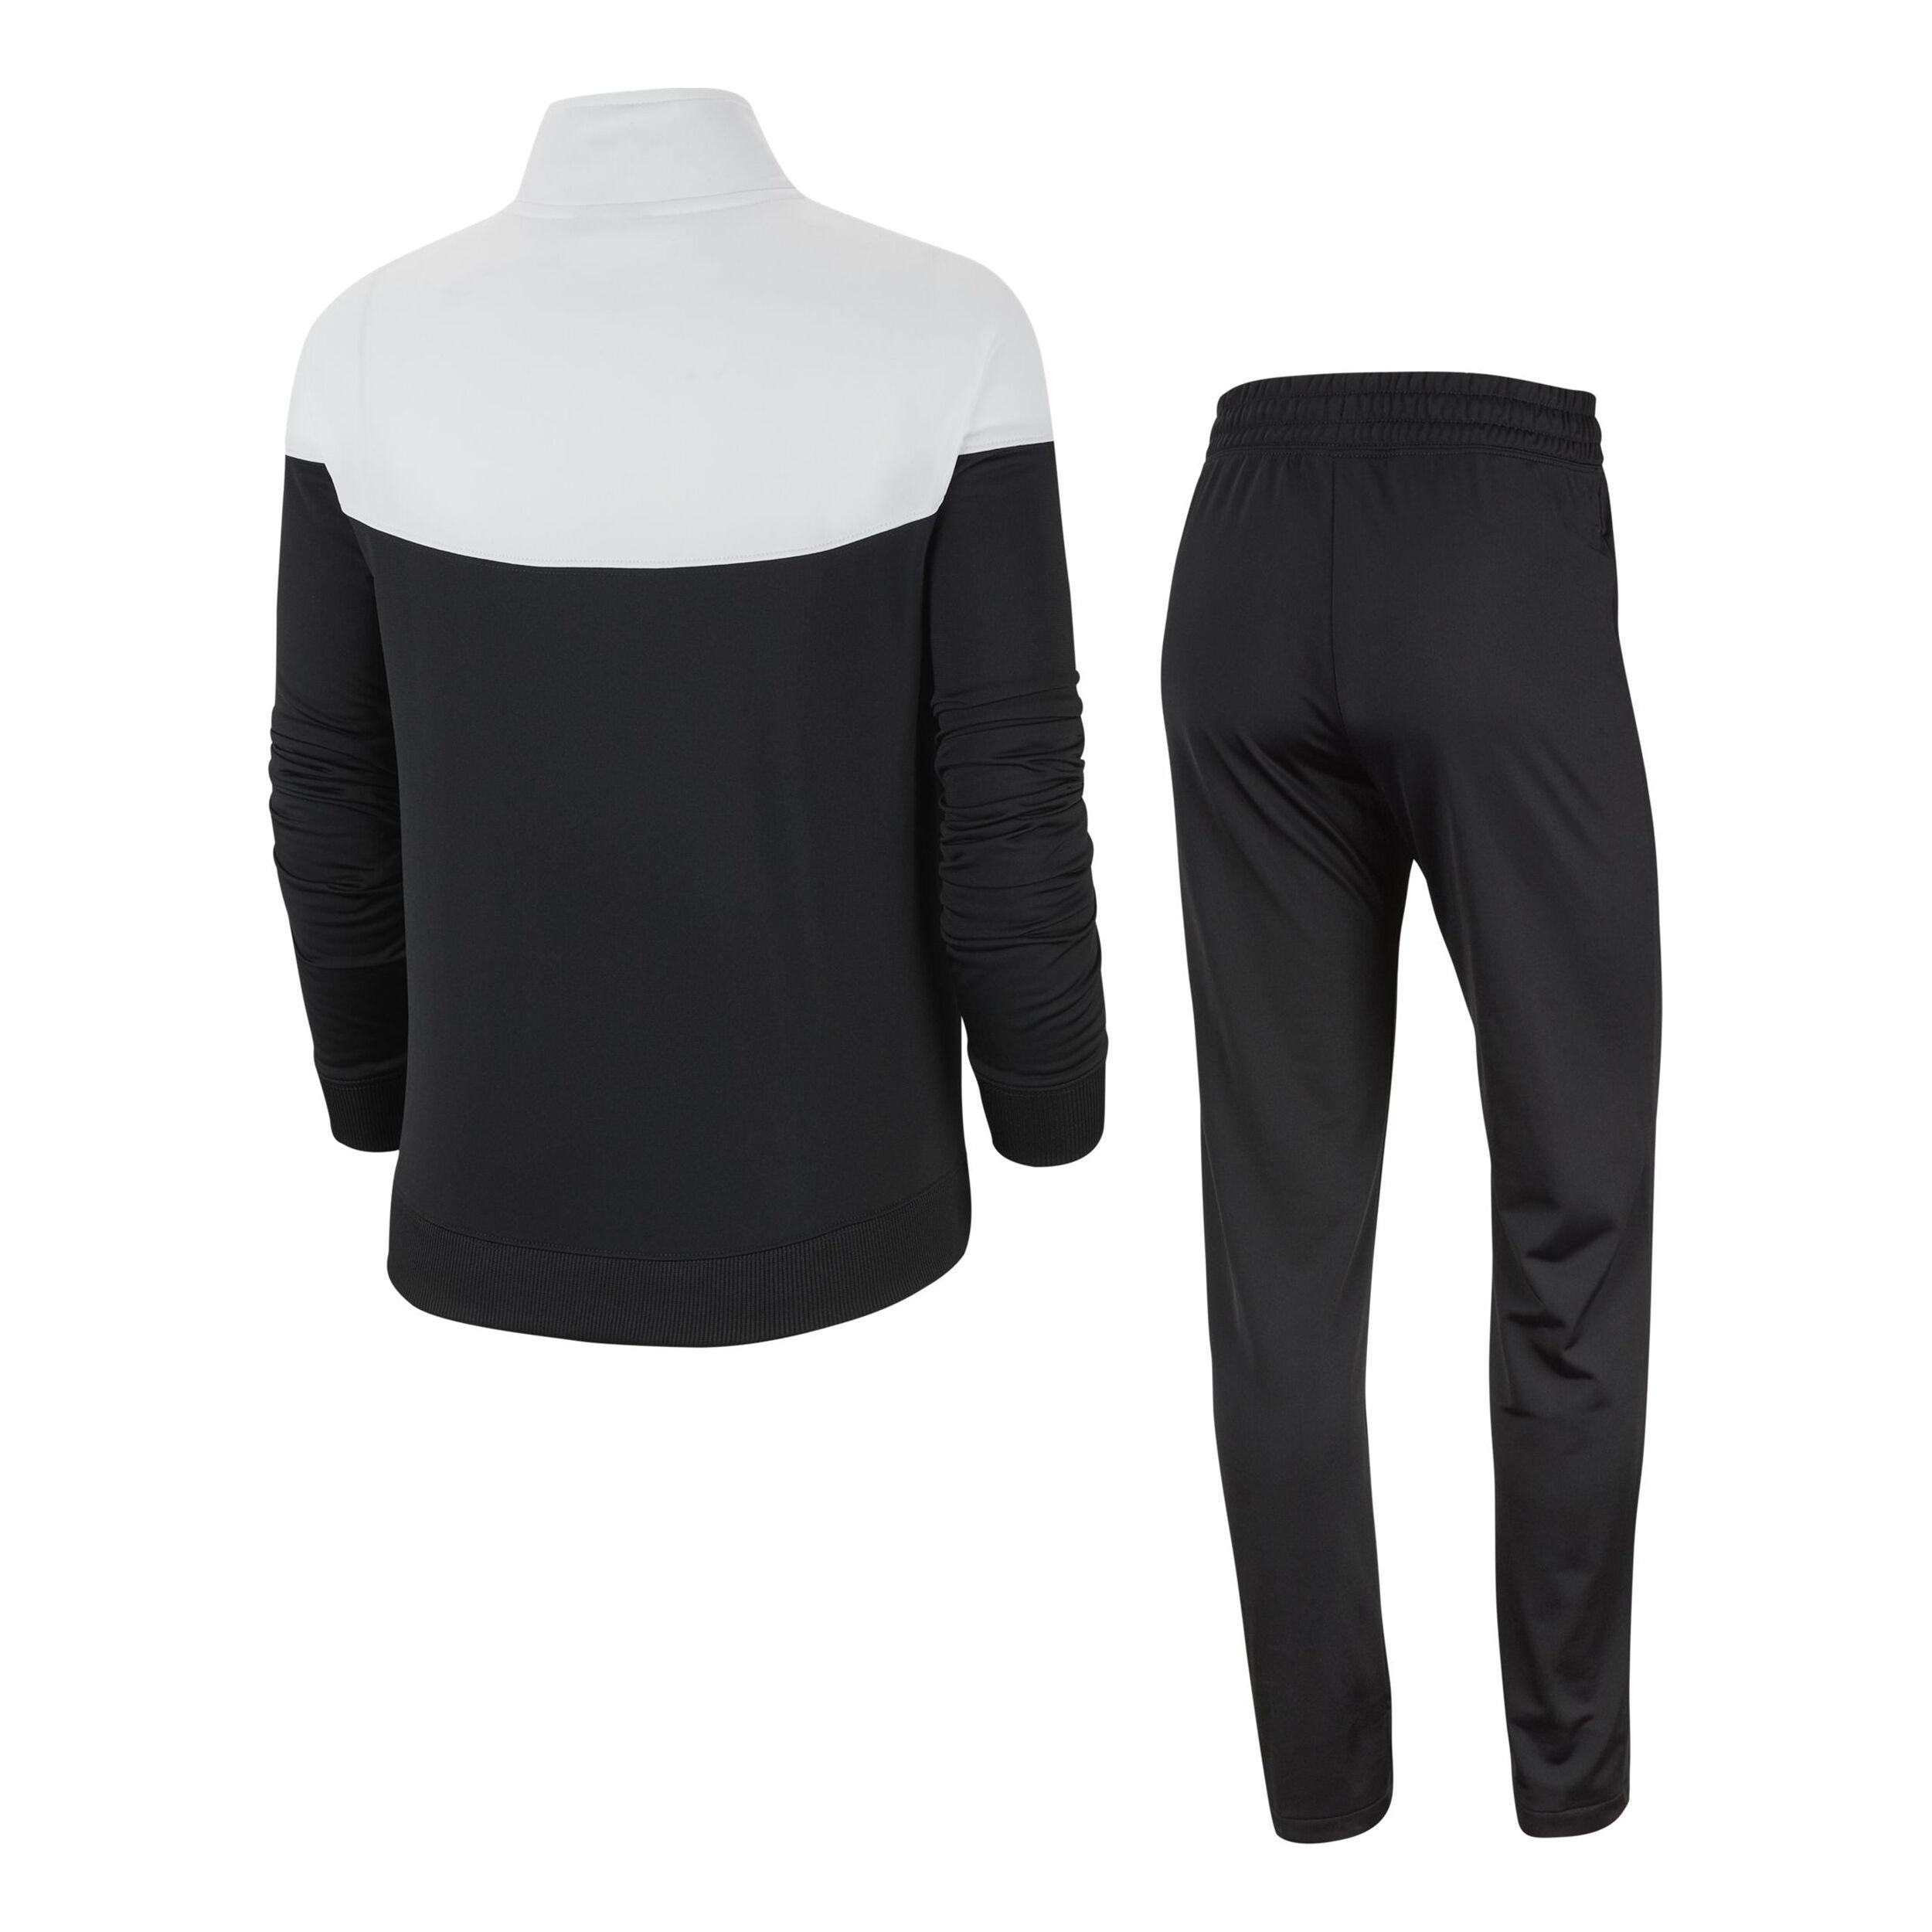 Nike Sportswear Trainingsanzug Damen Schwarz, Weiß